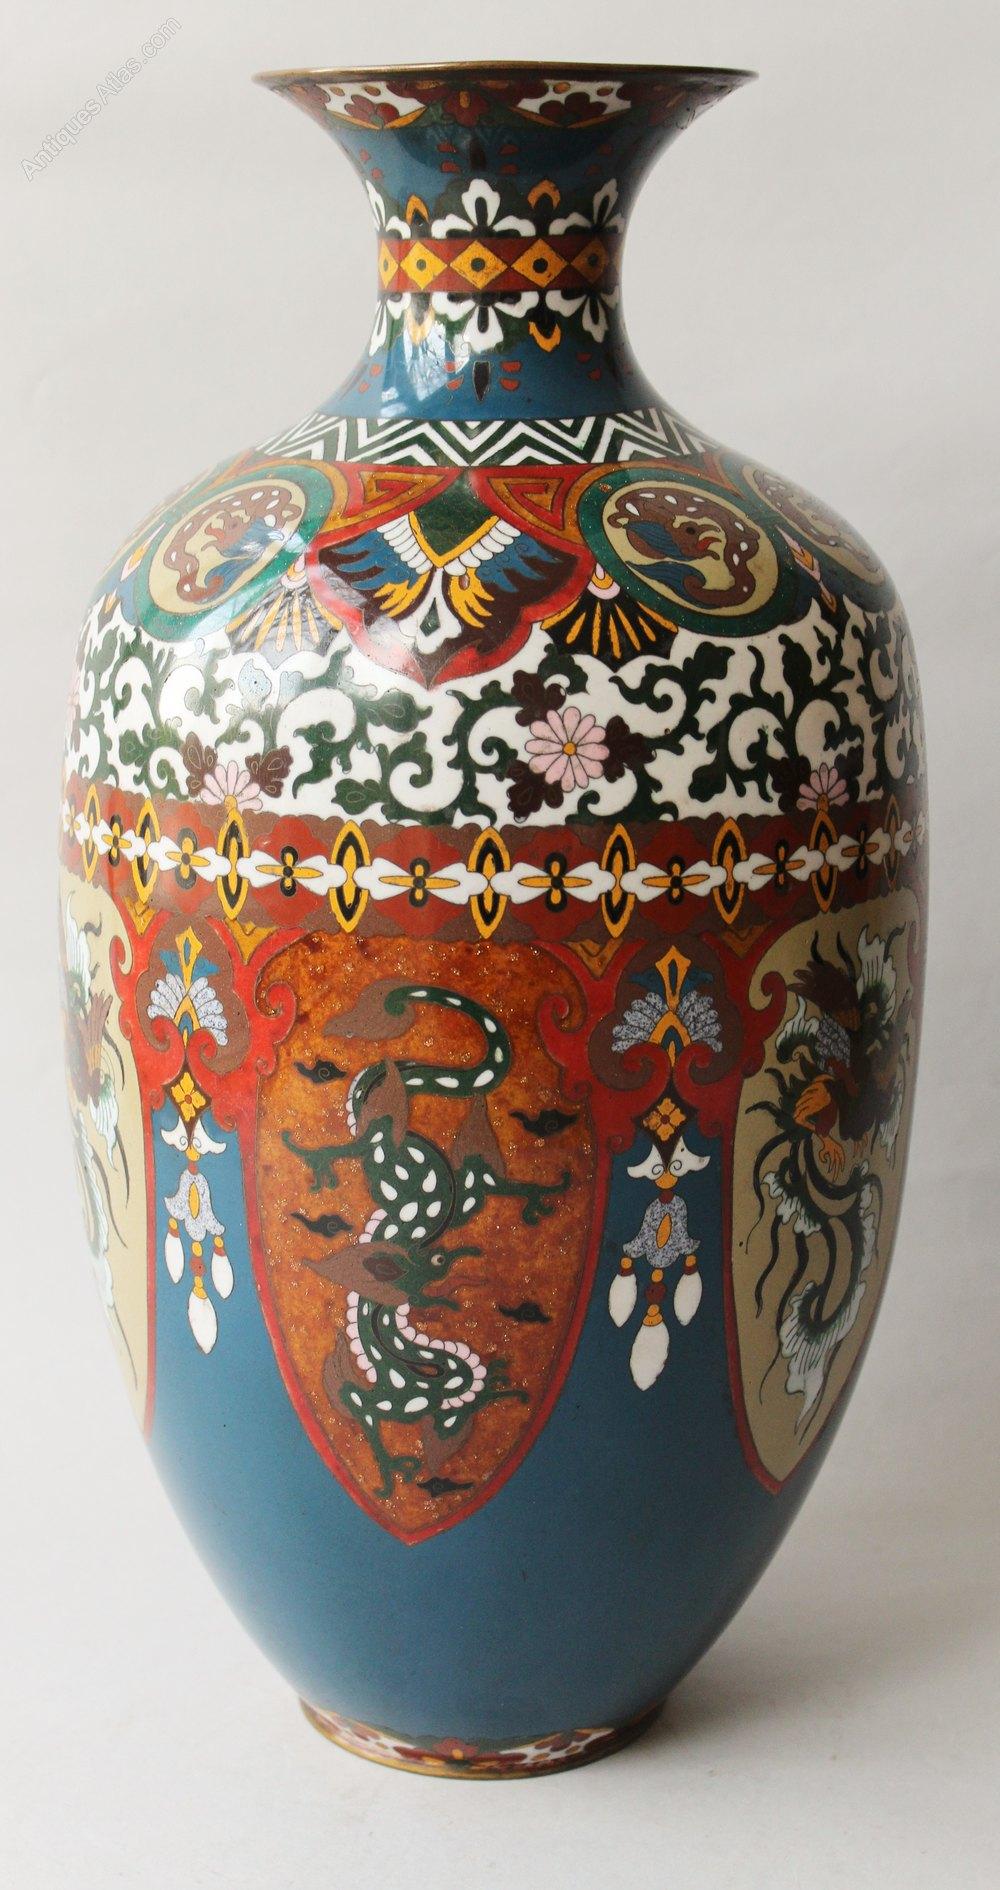 Antiques Atlas Very Large Antique Japanese Cloisonne Vase Dragon